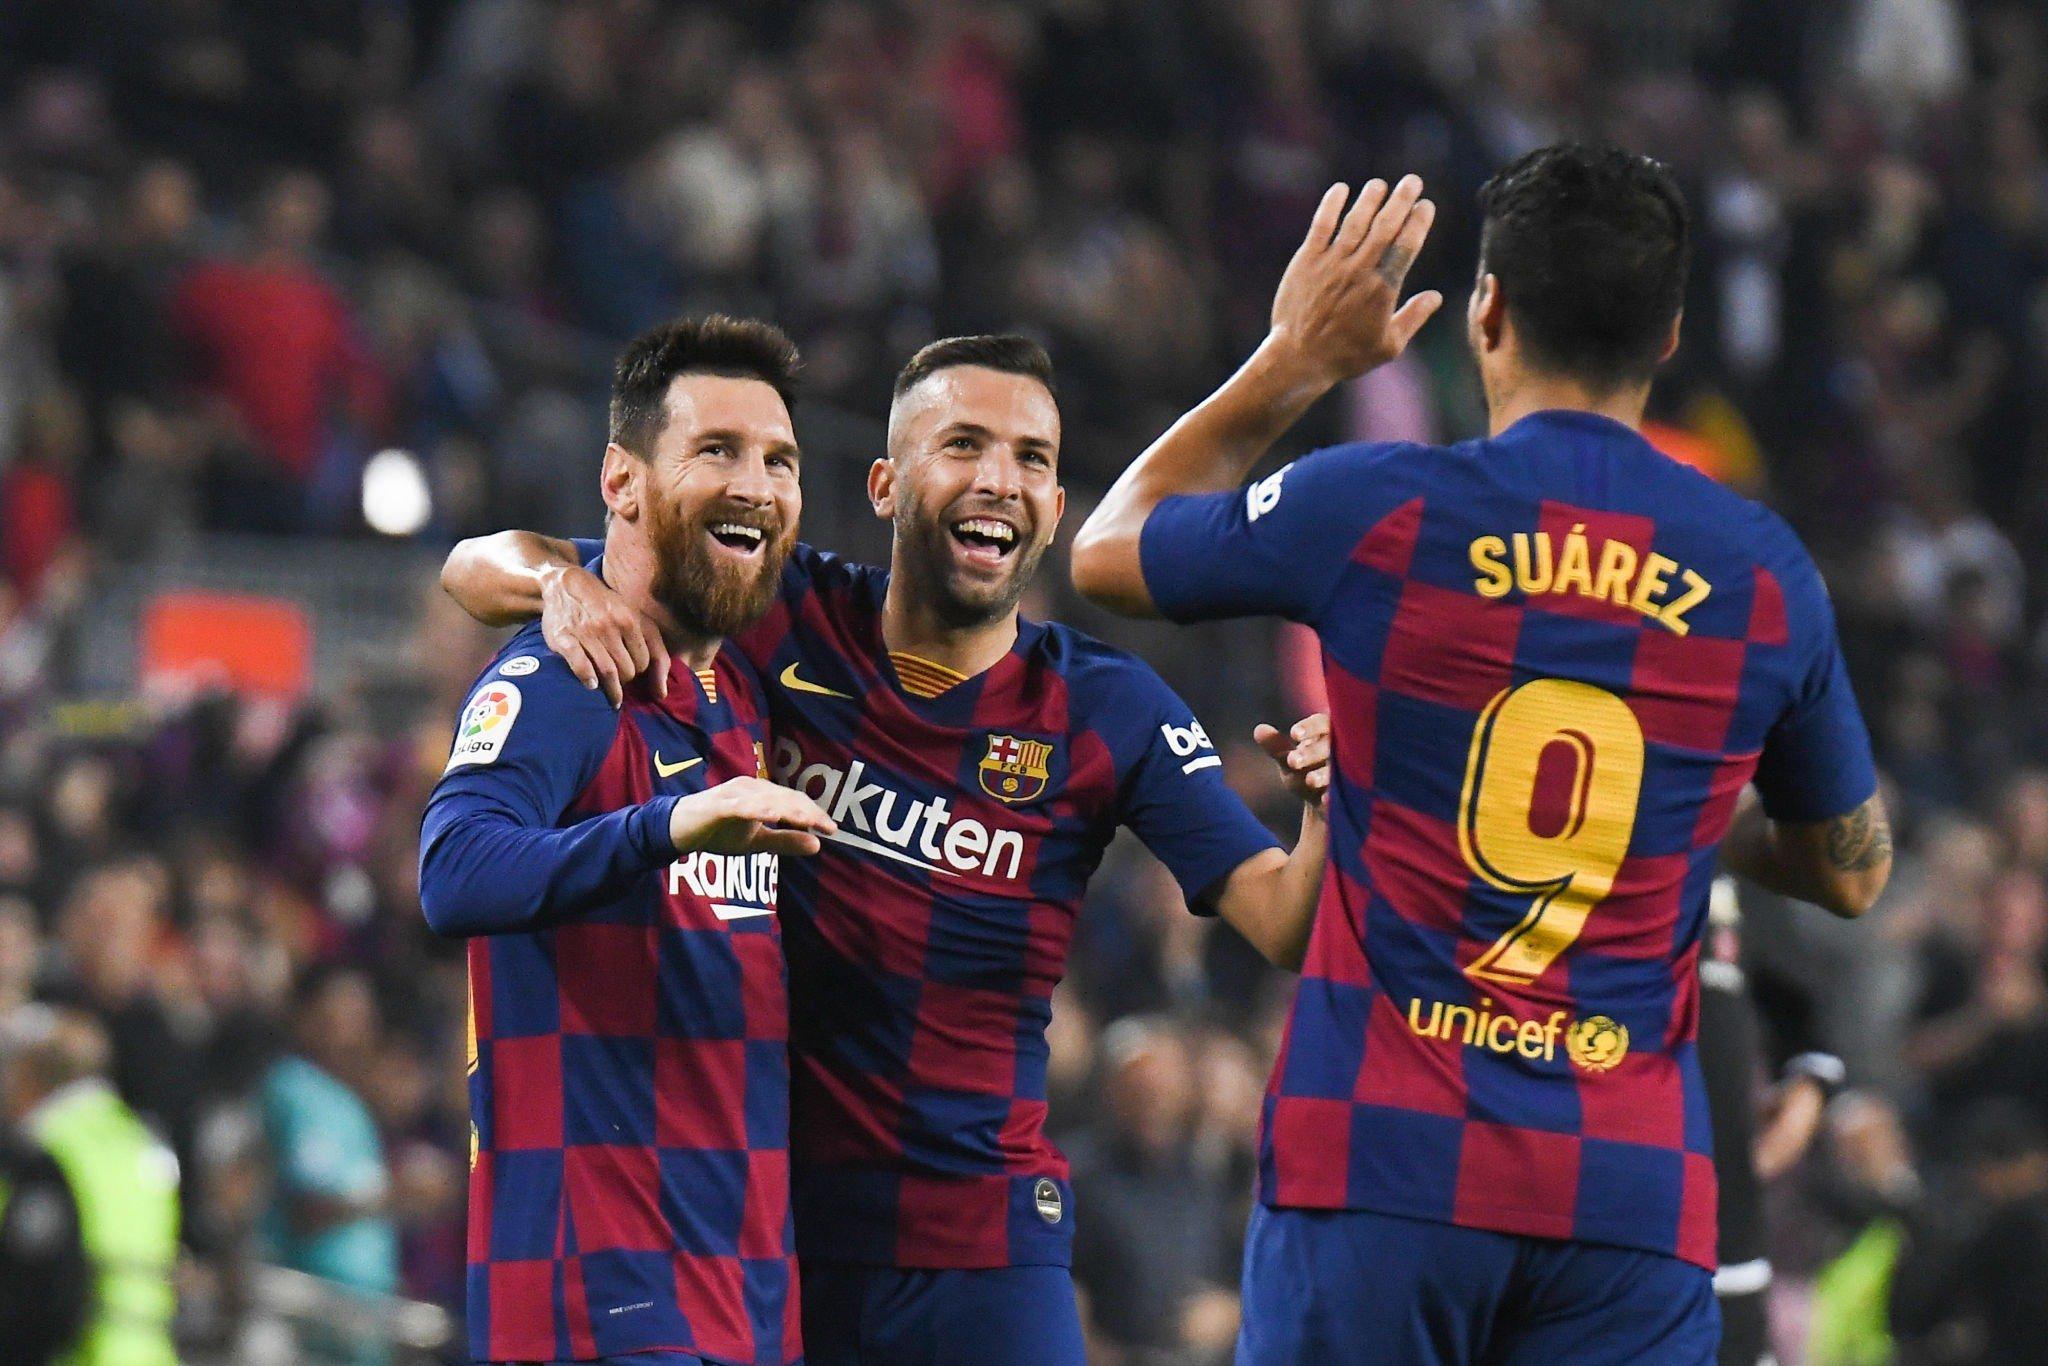 ميسي يقود برشلونة إلى اكتساح بلد الوليد بخماسية ويعزز من موقعه في الصدارة